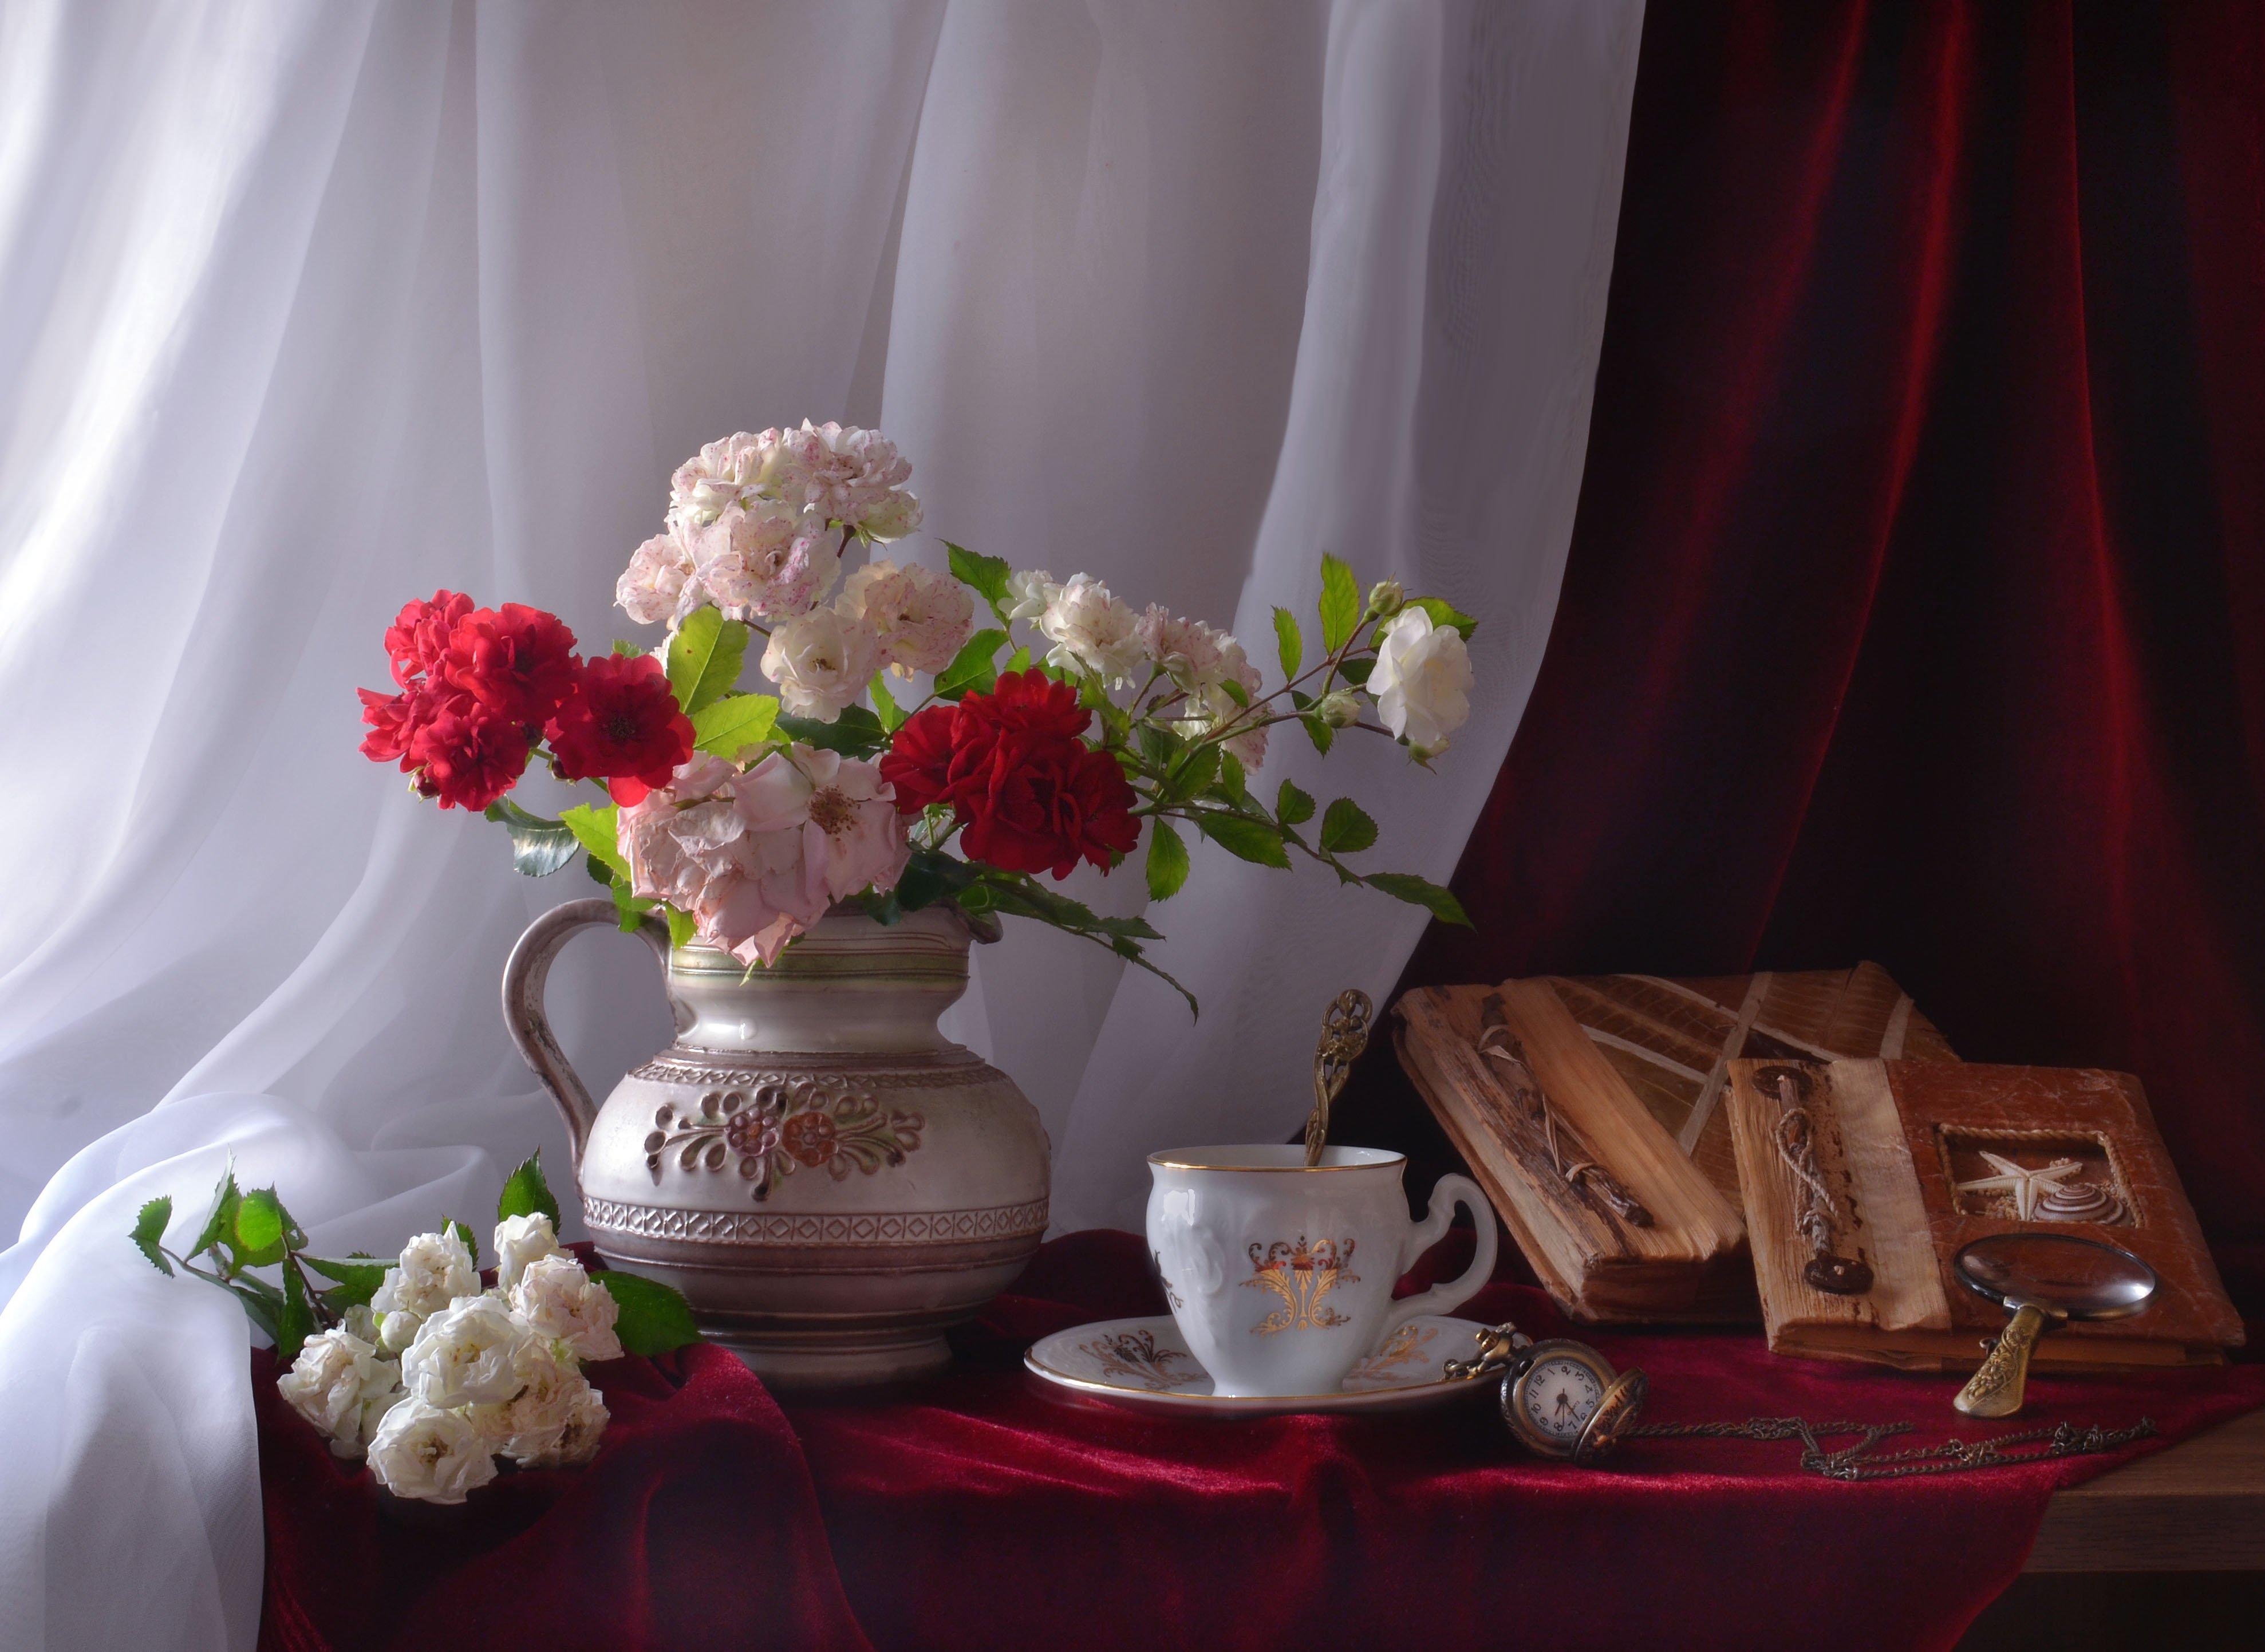 still life, натюрморт ,, время, лето, память, размышления, розы, старые альбомы, стихи, фото натюрморт, цветы, часы, Колова Валентина